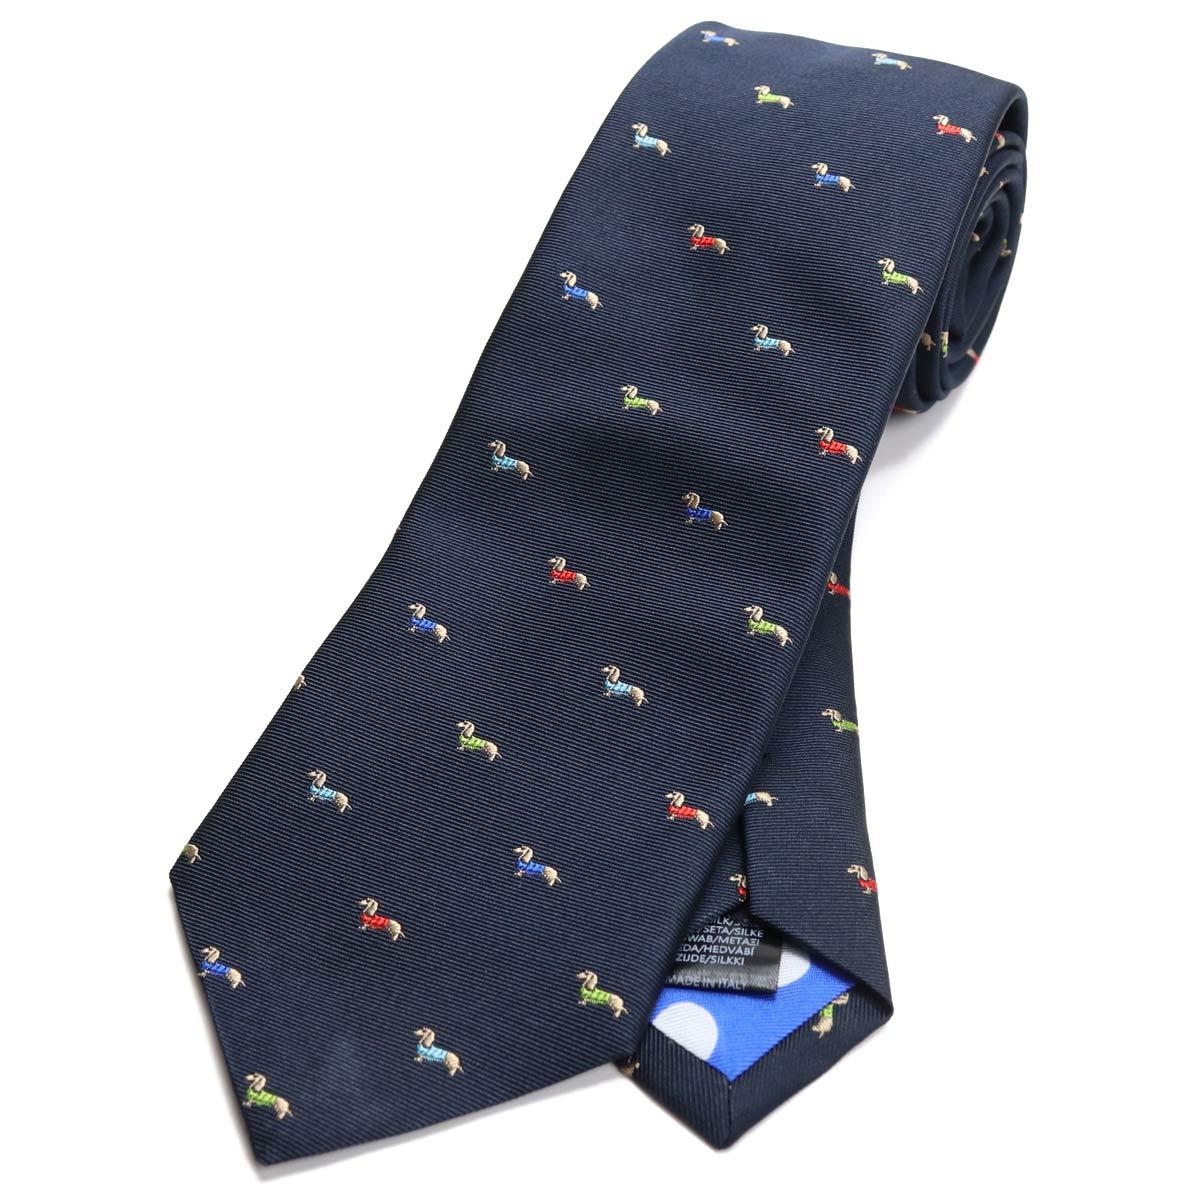 ポール スミス Paul Smith ドッグ刺繍 ネクタイ レギュラータイ M1A552M ALUE31 47 ネイビー系 マルチカラー 【メンズ】